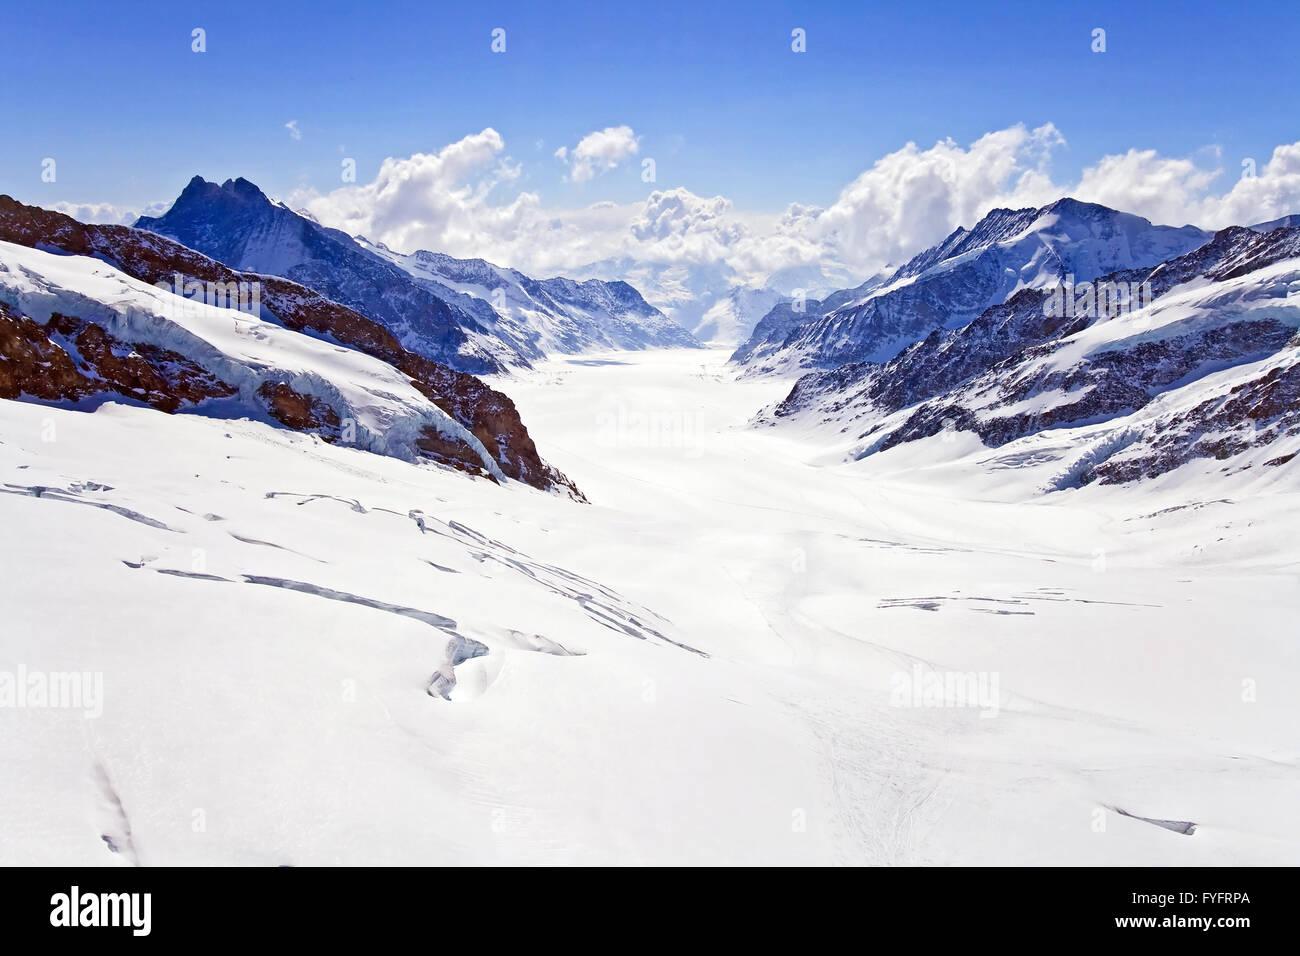 Landscape of Great Aletsch Glacier Jungfrau region - Stock Image